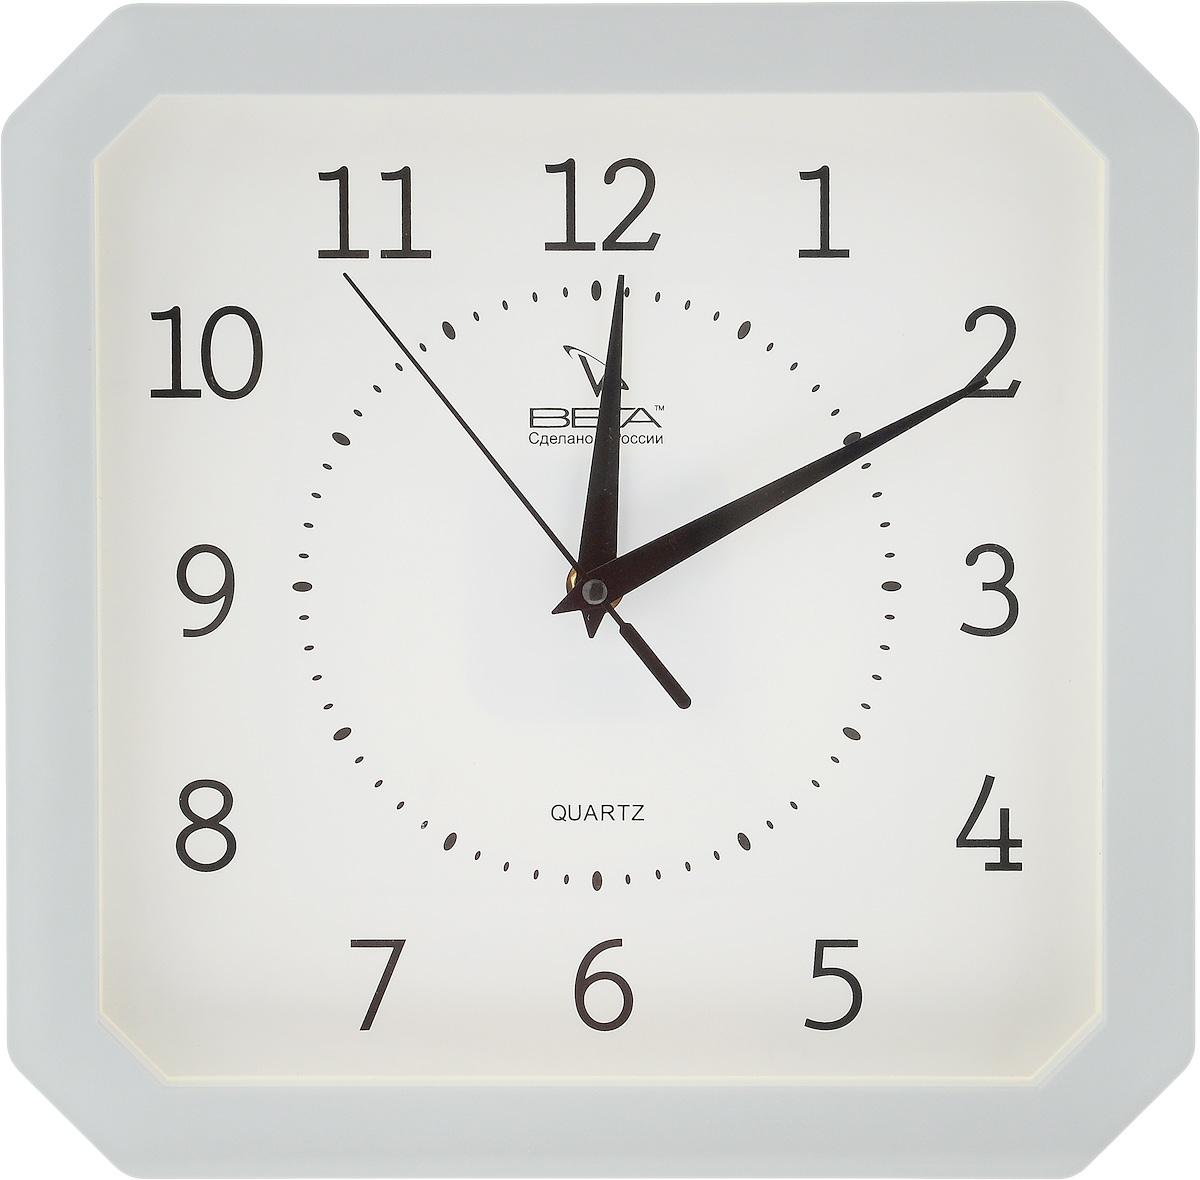 Часы настенные Вега Классика, цвет: серый, белый, 27,5 х 27,5 смП4-5/7-19Настенные кварцевые часы Вега Классика,изготовленные изпластика, прекрасно впишутся в интерьер вашего дома.Часыимеют три стрелки: часовую, минутную исекундную, циферблат защищен прозрачным стеклом. Часы работают от 1 батарейки типа АА напряжением 1,5 В(невходит в комплект). Прилагается инструкция по эксплуатации.